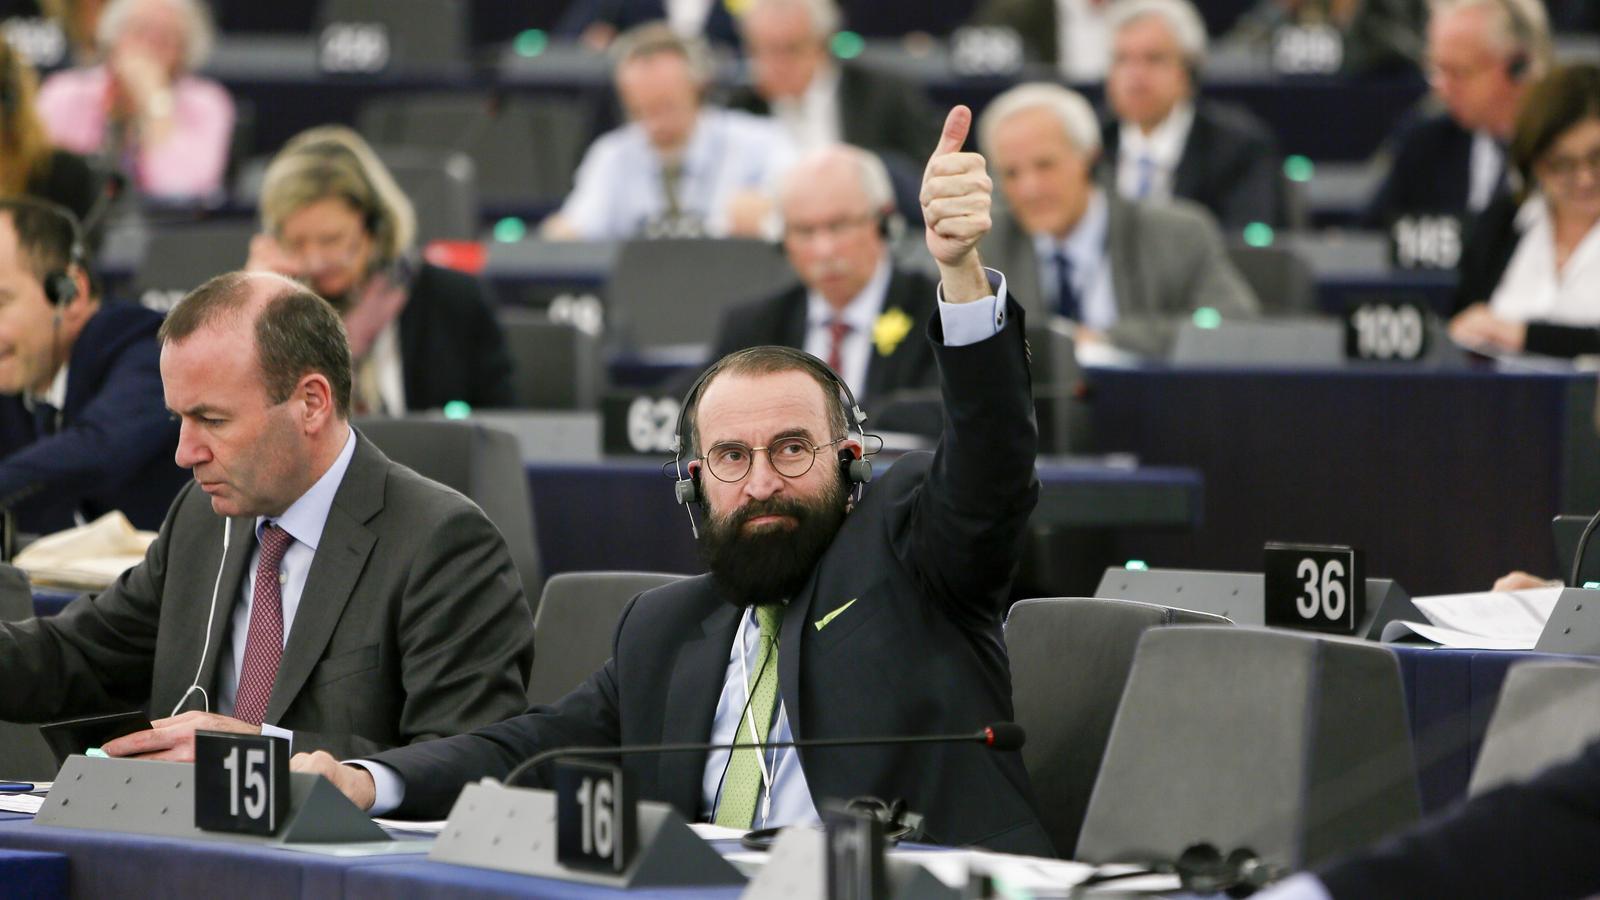 Una imatge de l'eurodiputat del Fidesz Szájer József a l'Eurocambra.